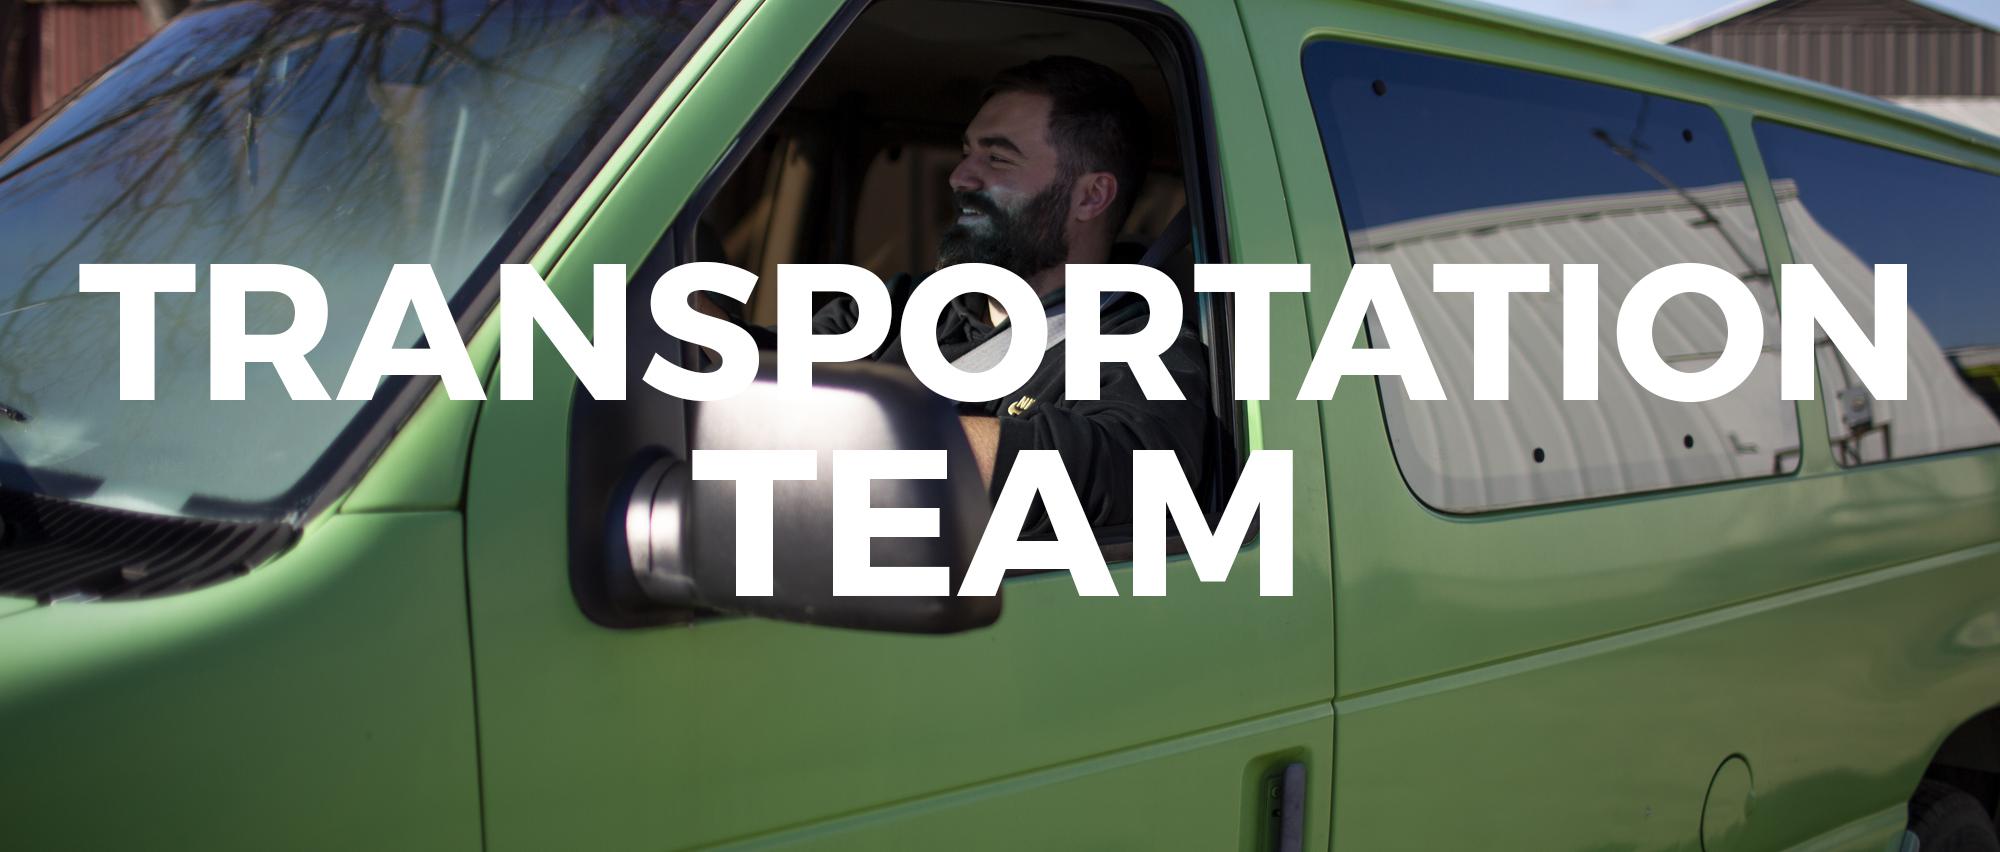 Transportation Team.jpg